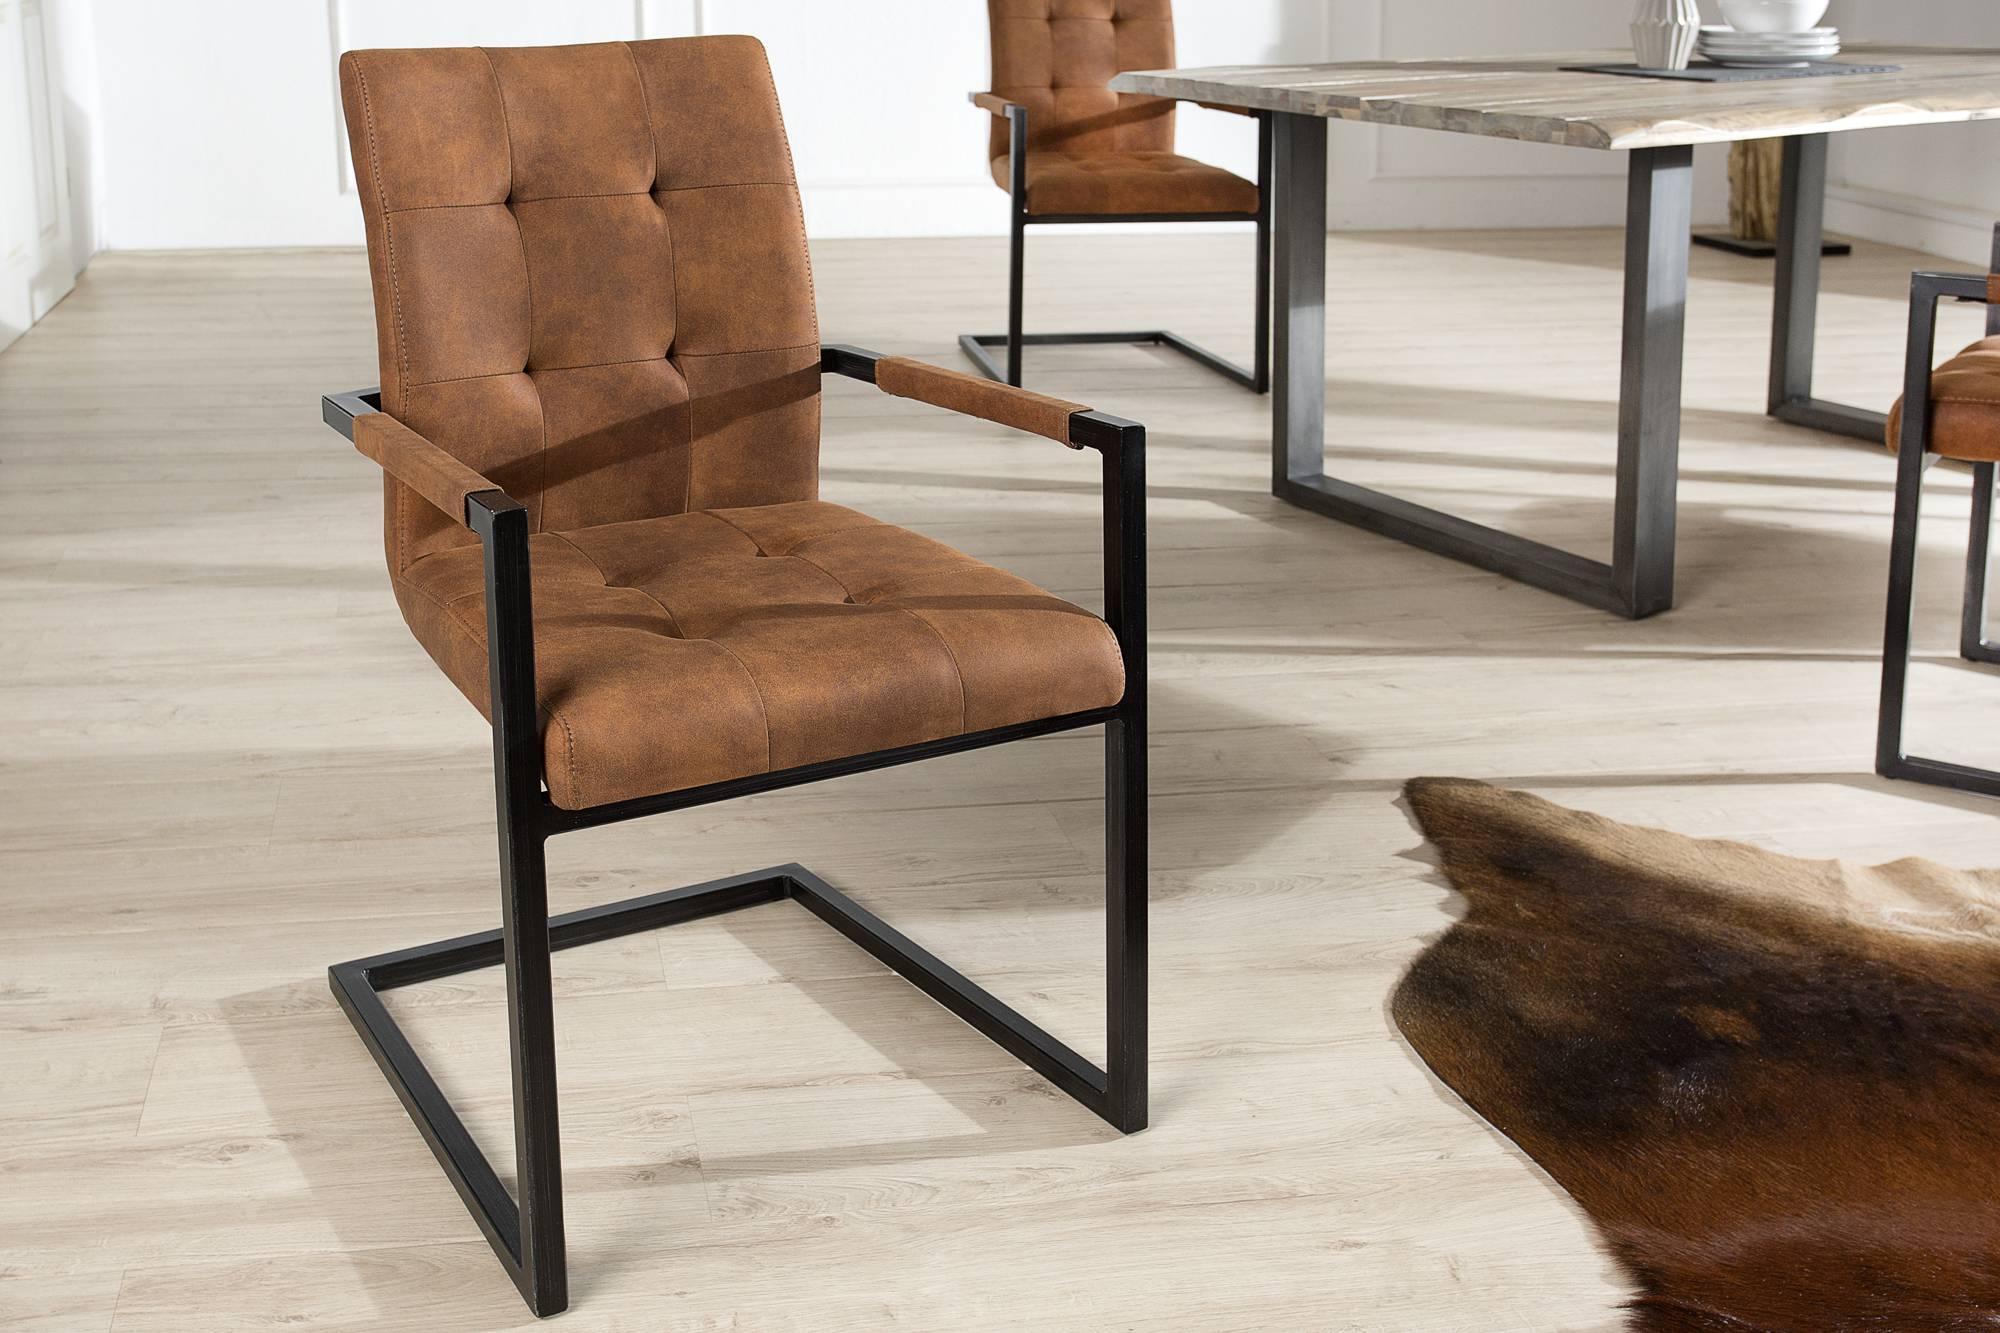 Jedálenská stolička vintage English hnedá s operadlom